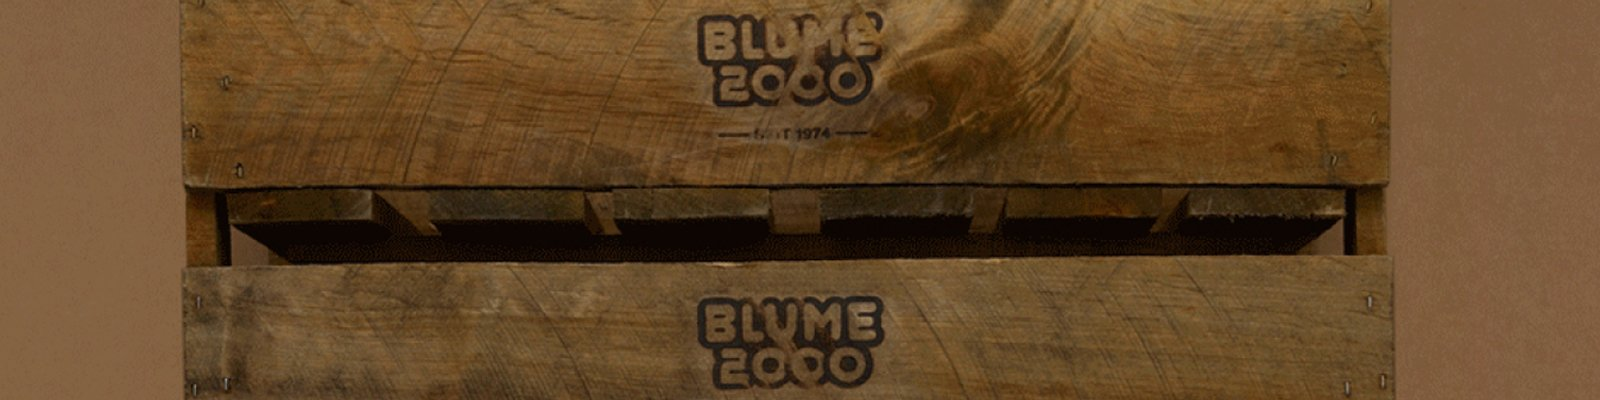 blume 2000 sucht immobilien. Black Bedroom Furniture Sets. Home Design Ideas